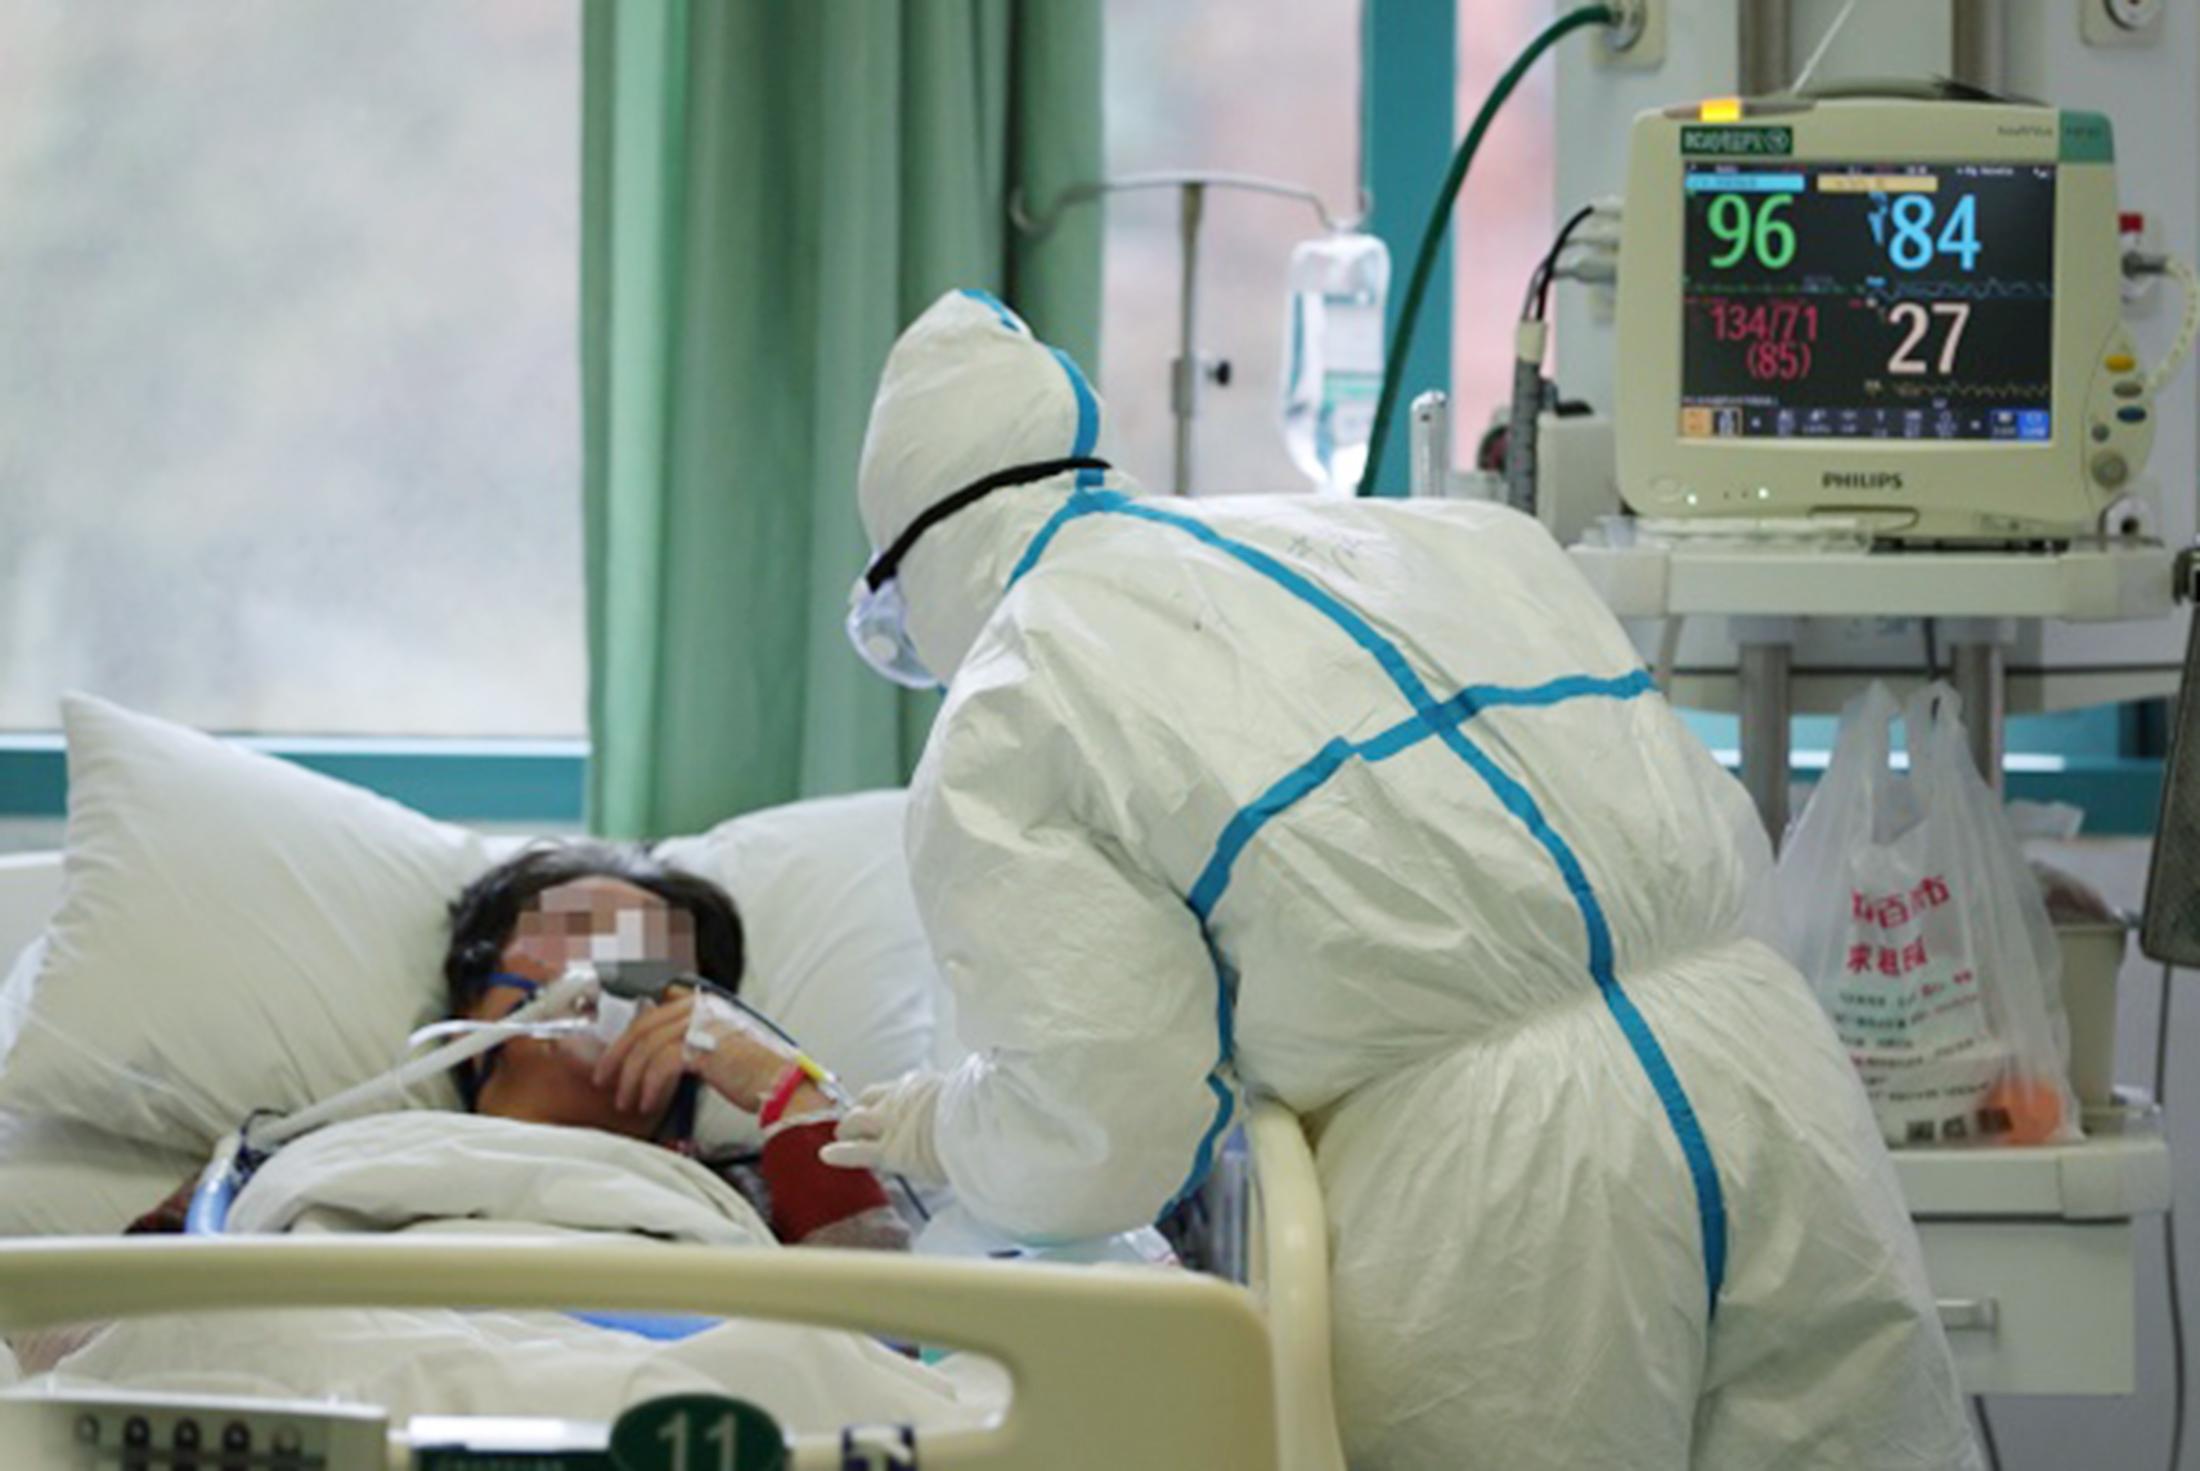 Nemzetközi vészhelyzetet hirdetett az Egészségügyi Világszervezet a koronavírus miatt